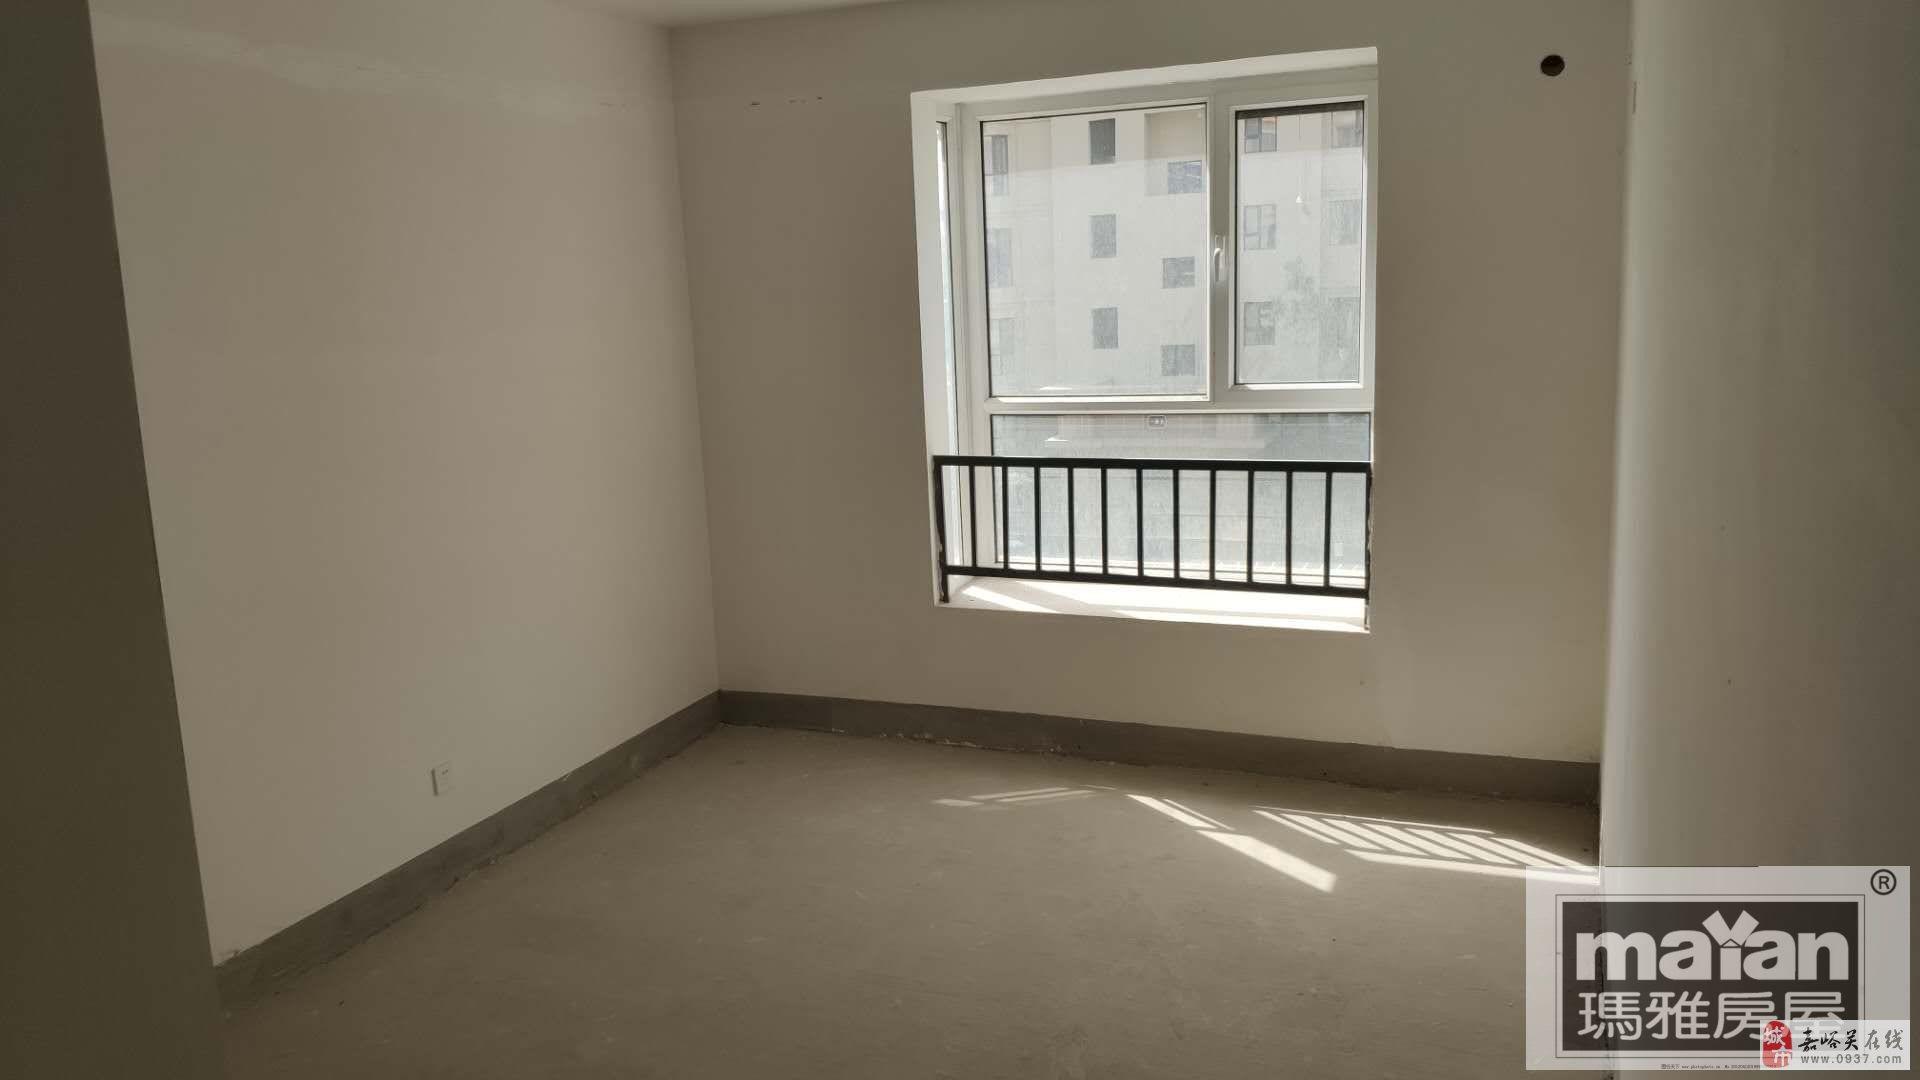 阳光金水湾3室2厅1卫67万元